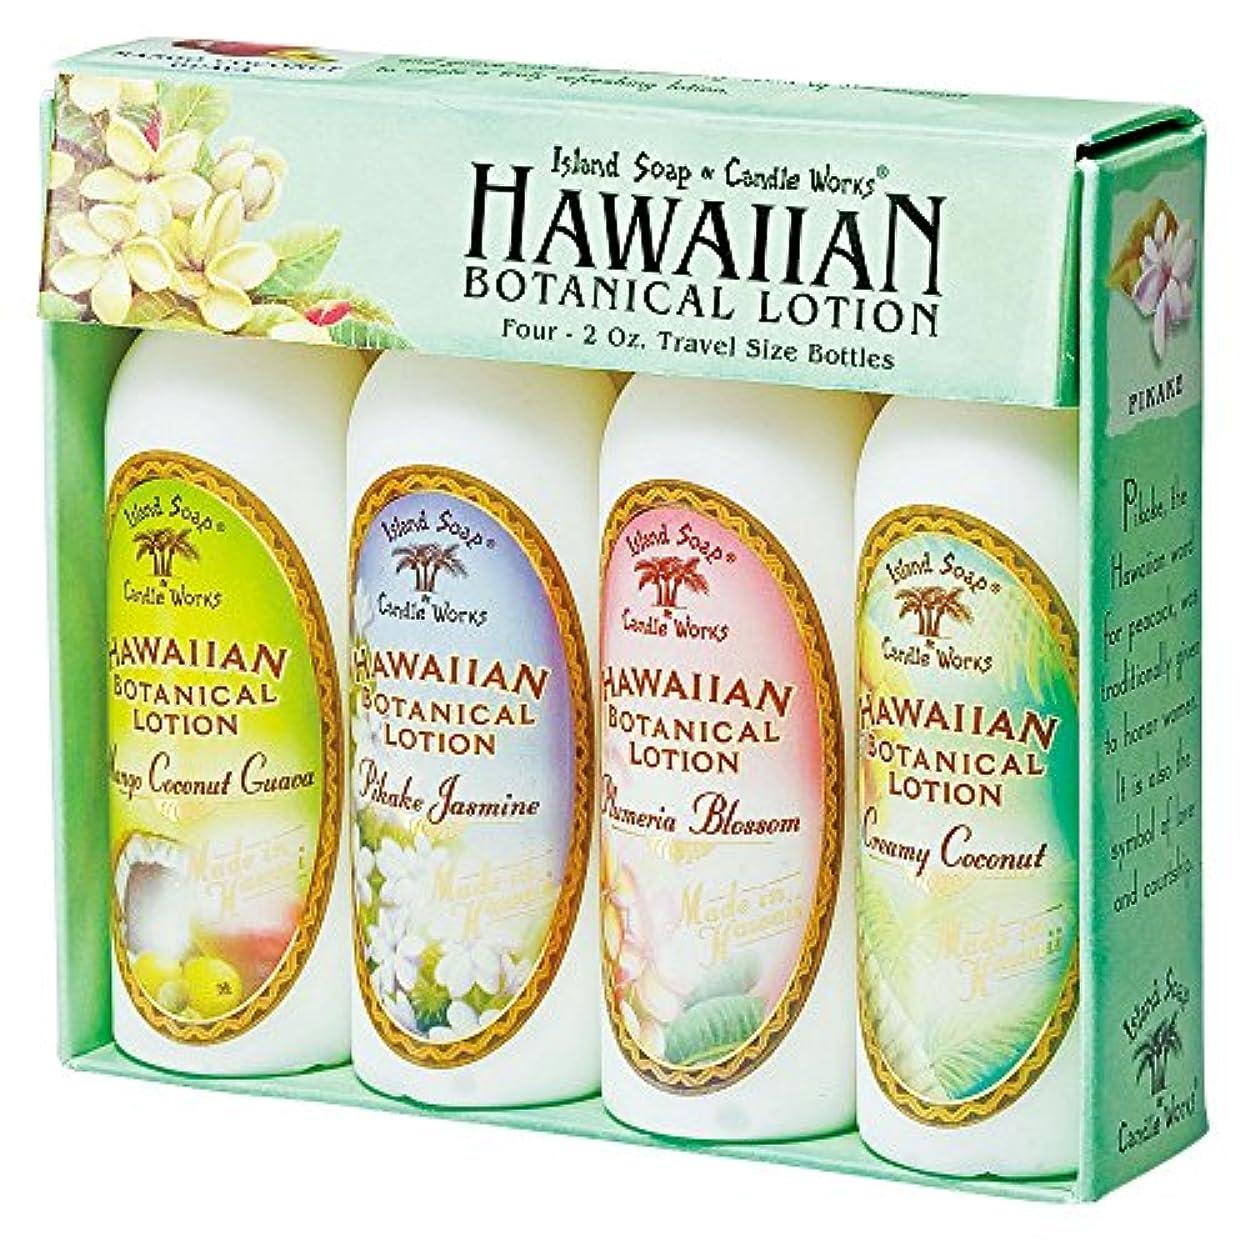 世界の窓嫉妬令状ハワイお土産 ハワイアイランドソープ トロピカルローション ミニ 4種セット